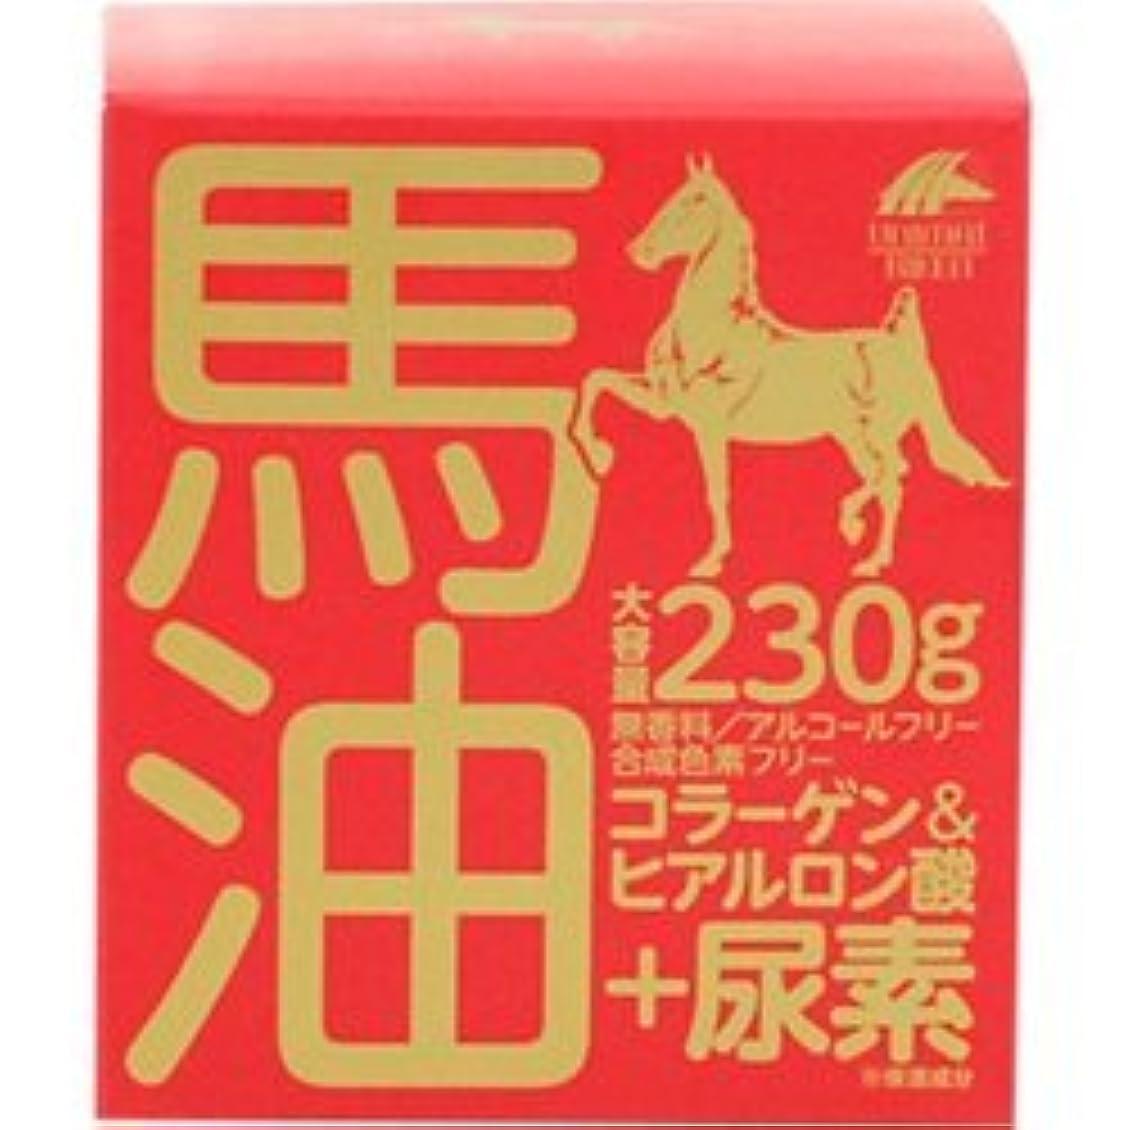 まっすぐゴミ箱を空にするレイ【ユニマットリケン】馬油クリーム+尿素 230g ×20個セット